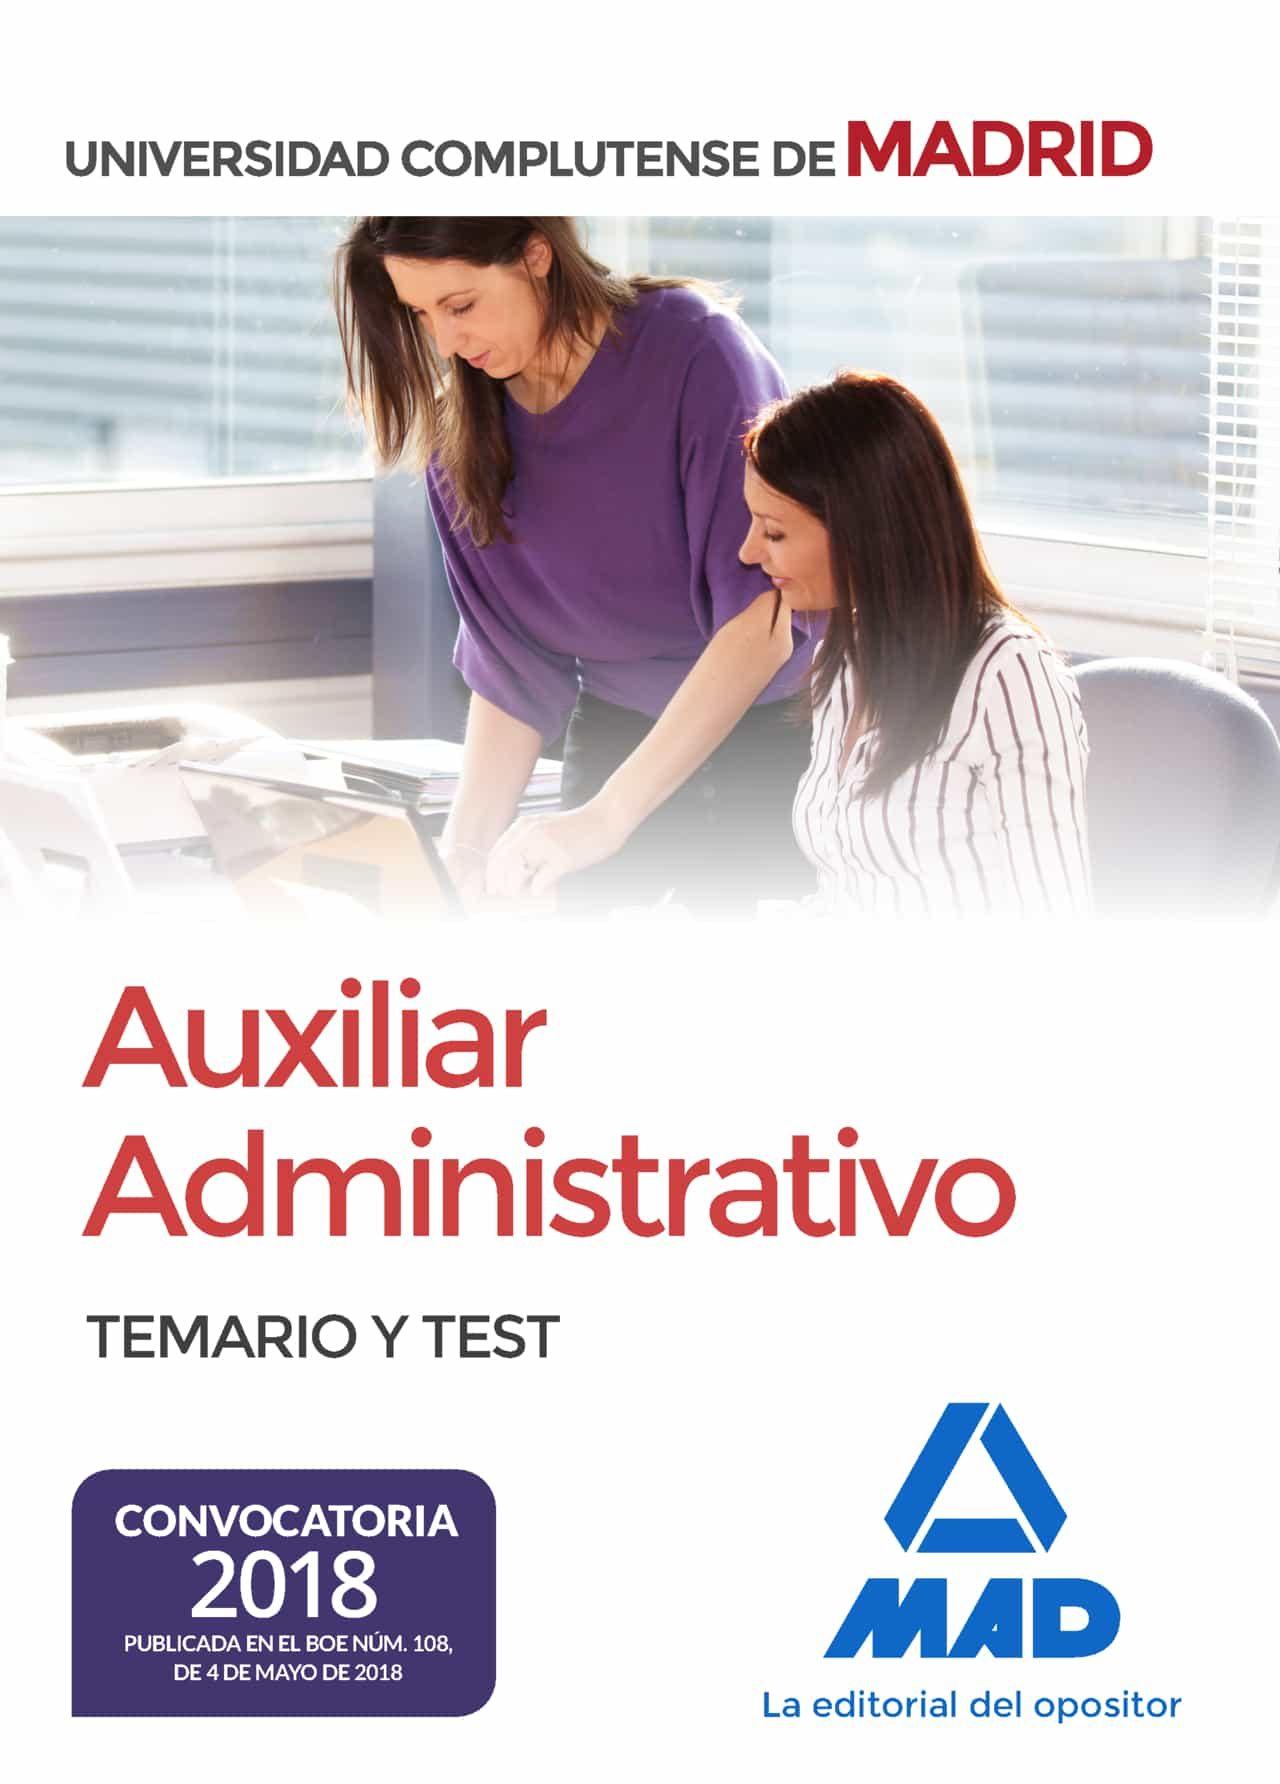 Auxiliar Administrativo De La Universidad Complutense De Madrid: Temario Y Test por Vv.aa.